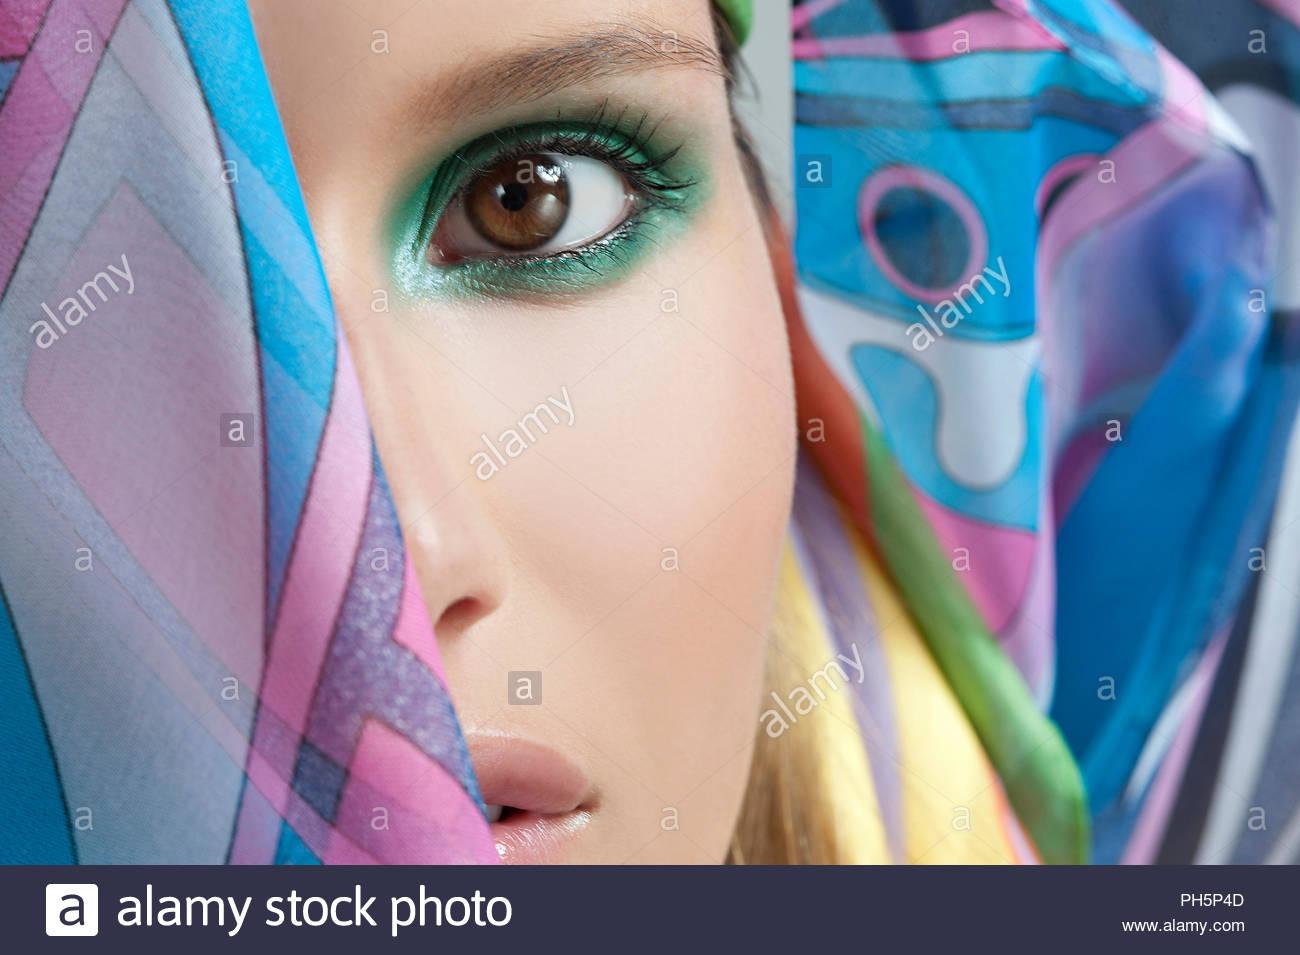 Young woman wearing green eyeshadow - Stock Image